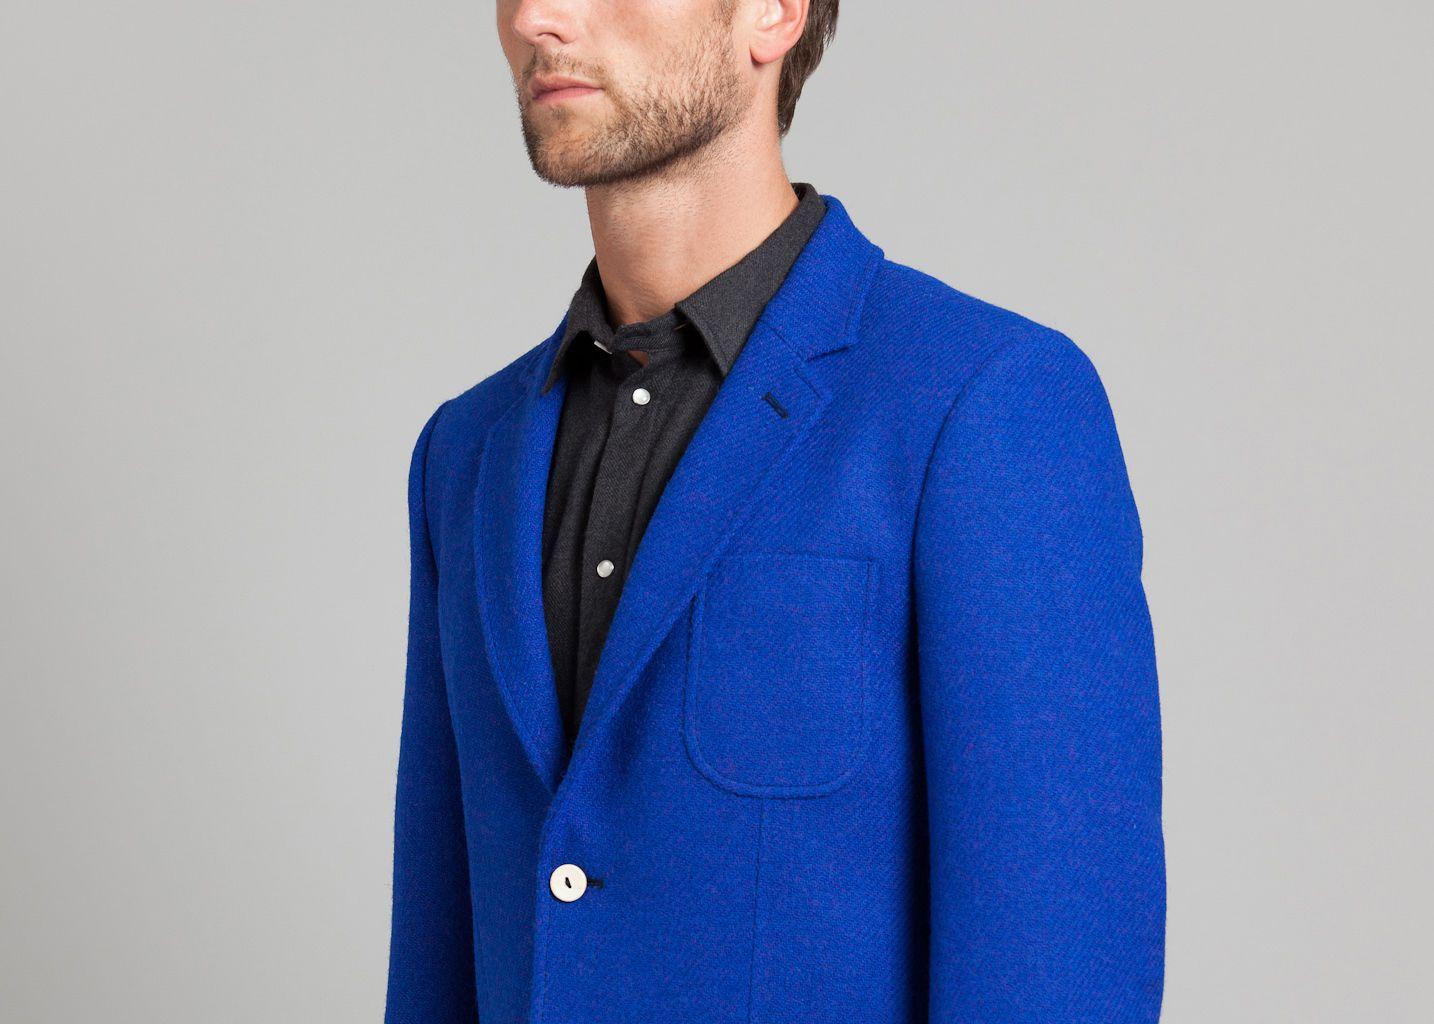 veste harris tweed melindagloss bleu lectrique l 39 exception. Black Bedroom Furniture Sets. Home Design Ideas